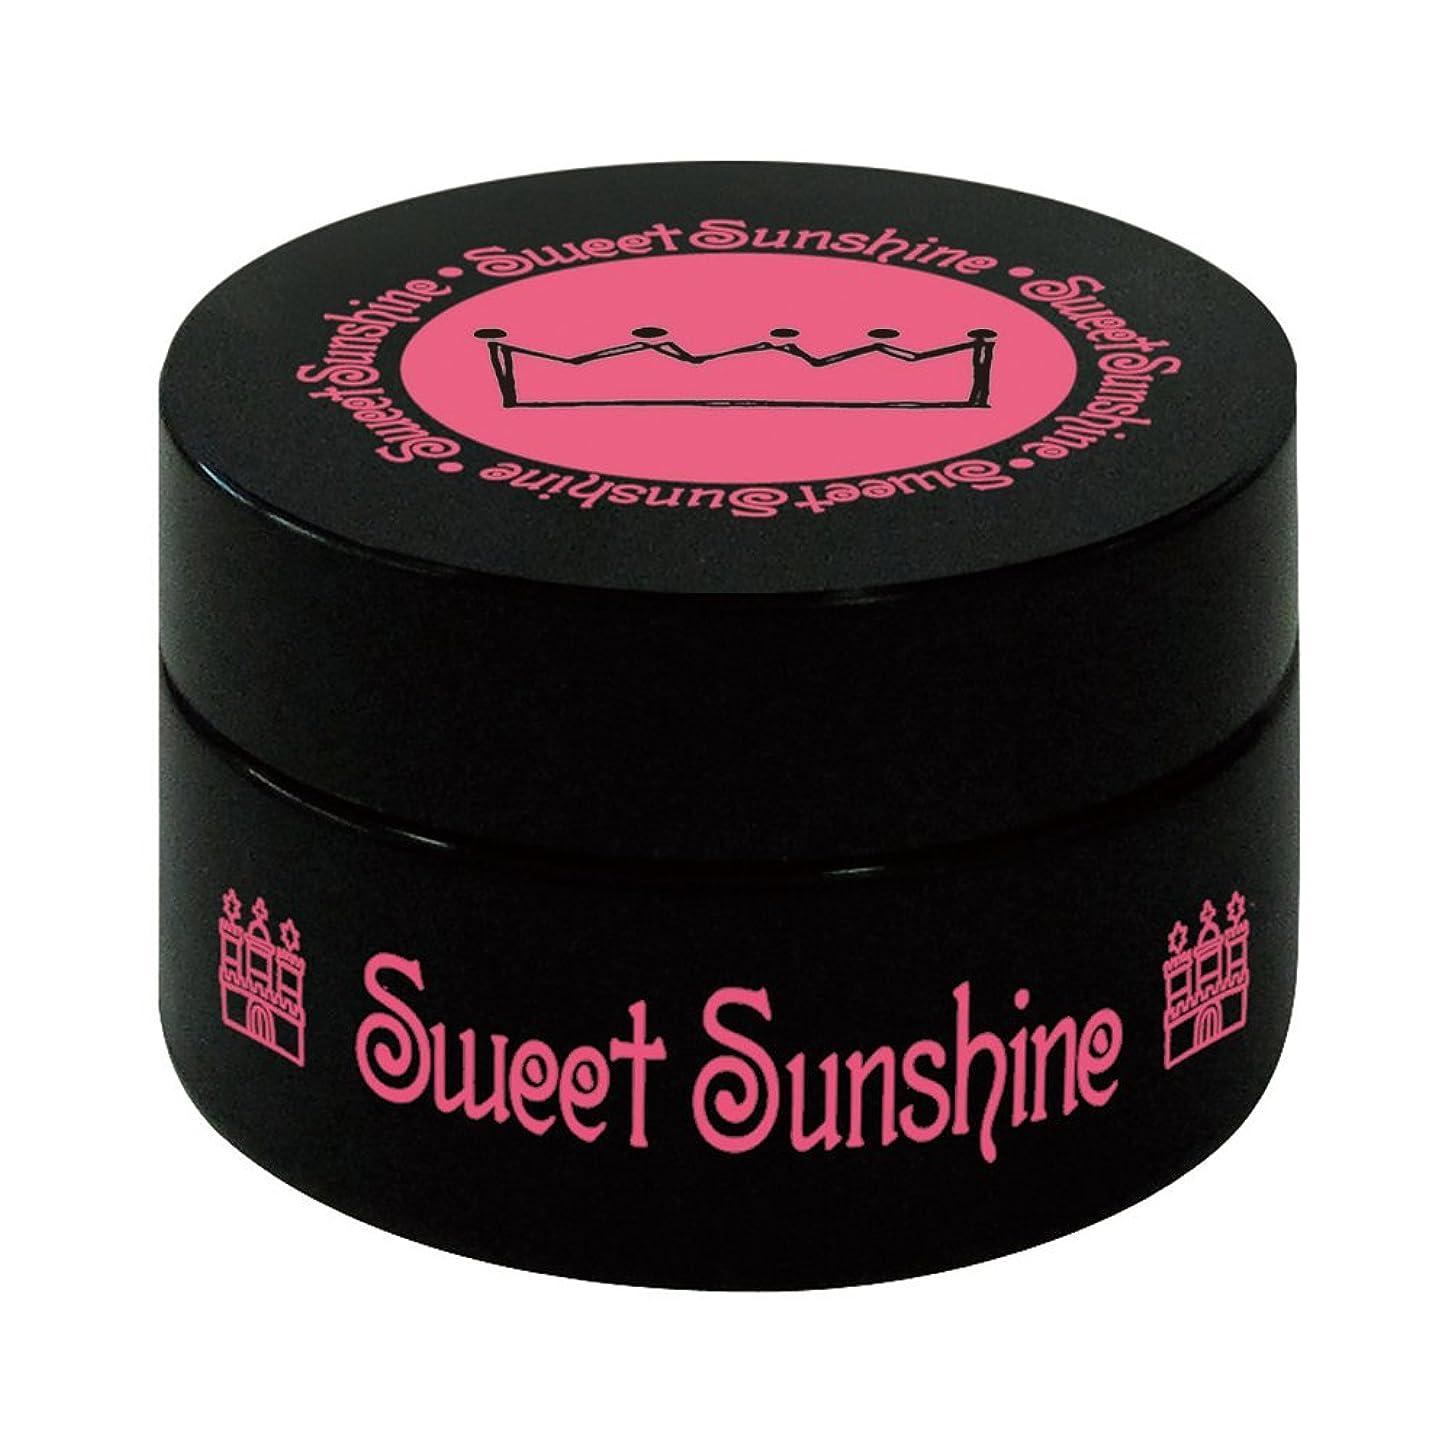 危険うぬぼれランチョン最速硬化LED対応 Sweet Sunshine スィート サンシャイン カラージェル SC-30 4g フレンチベージュ